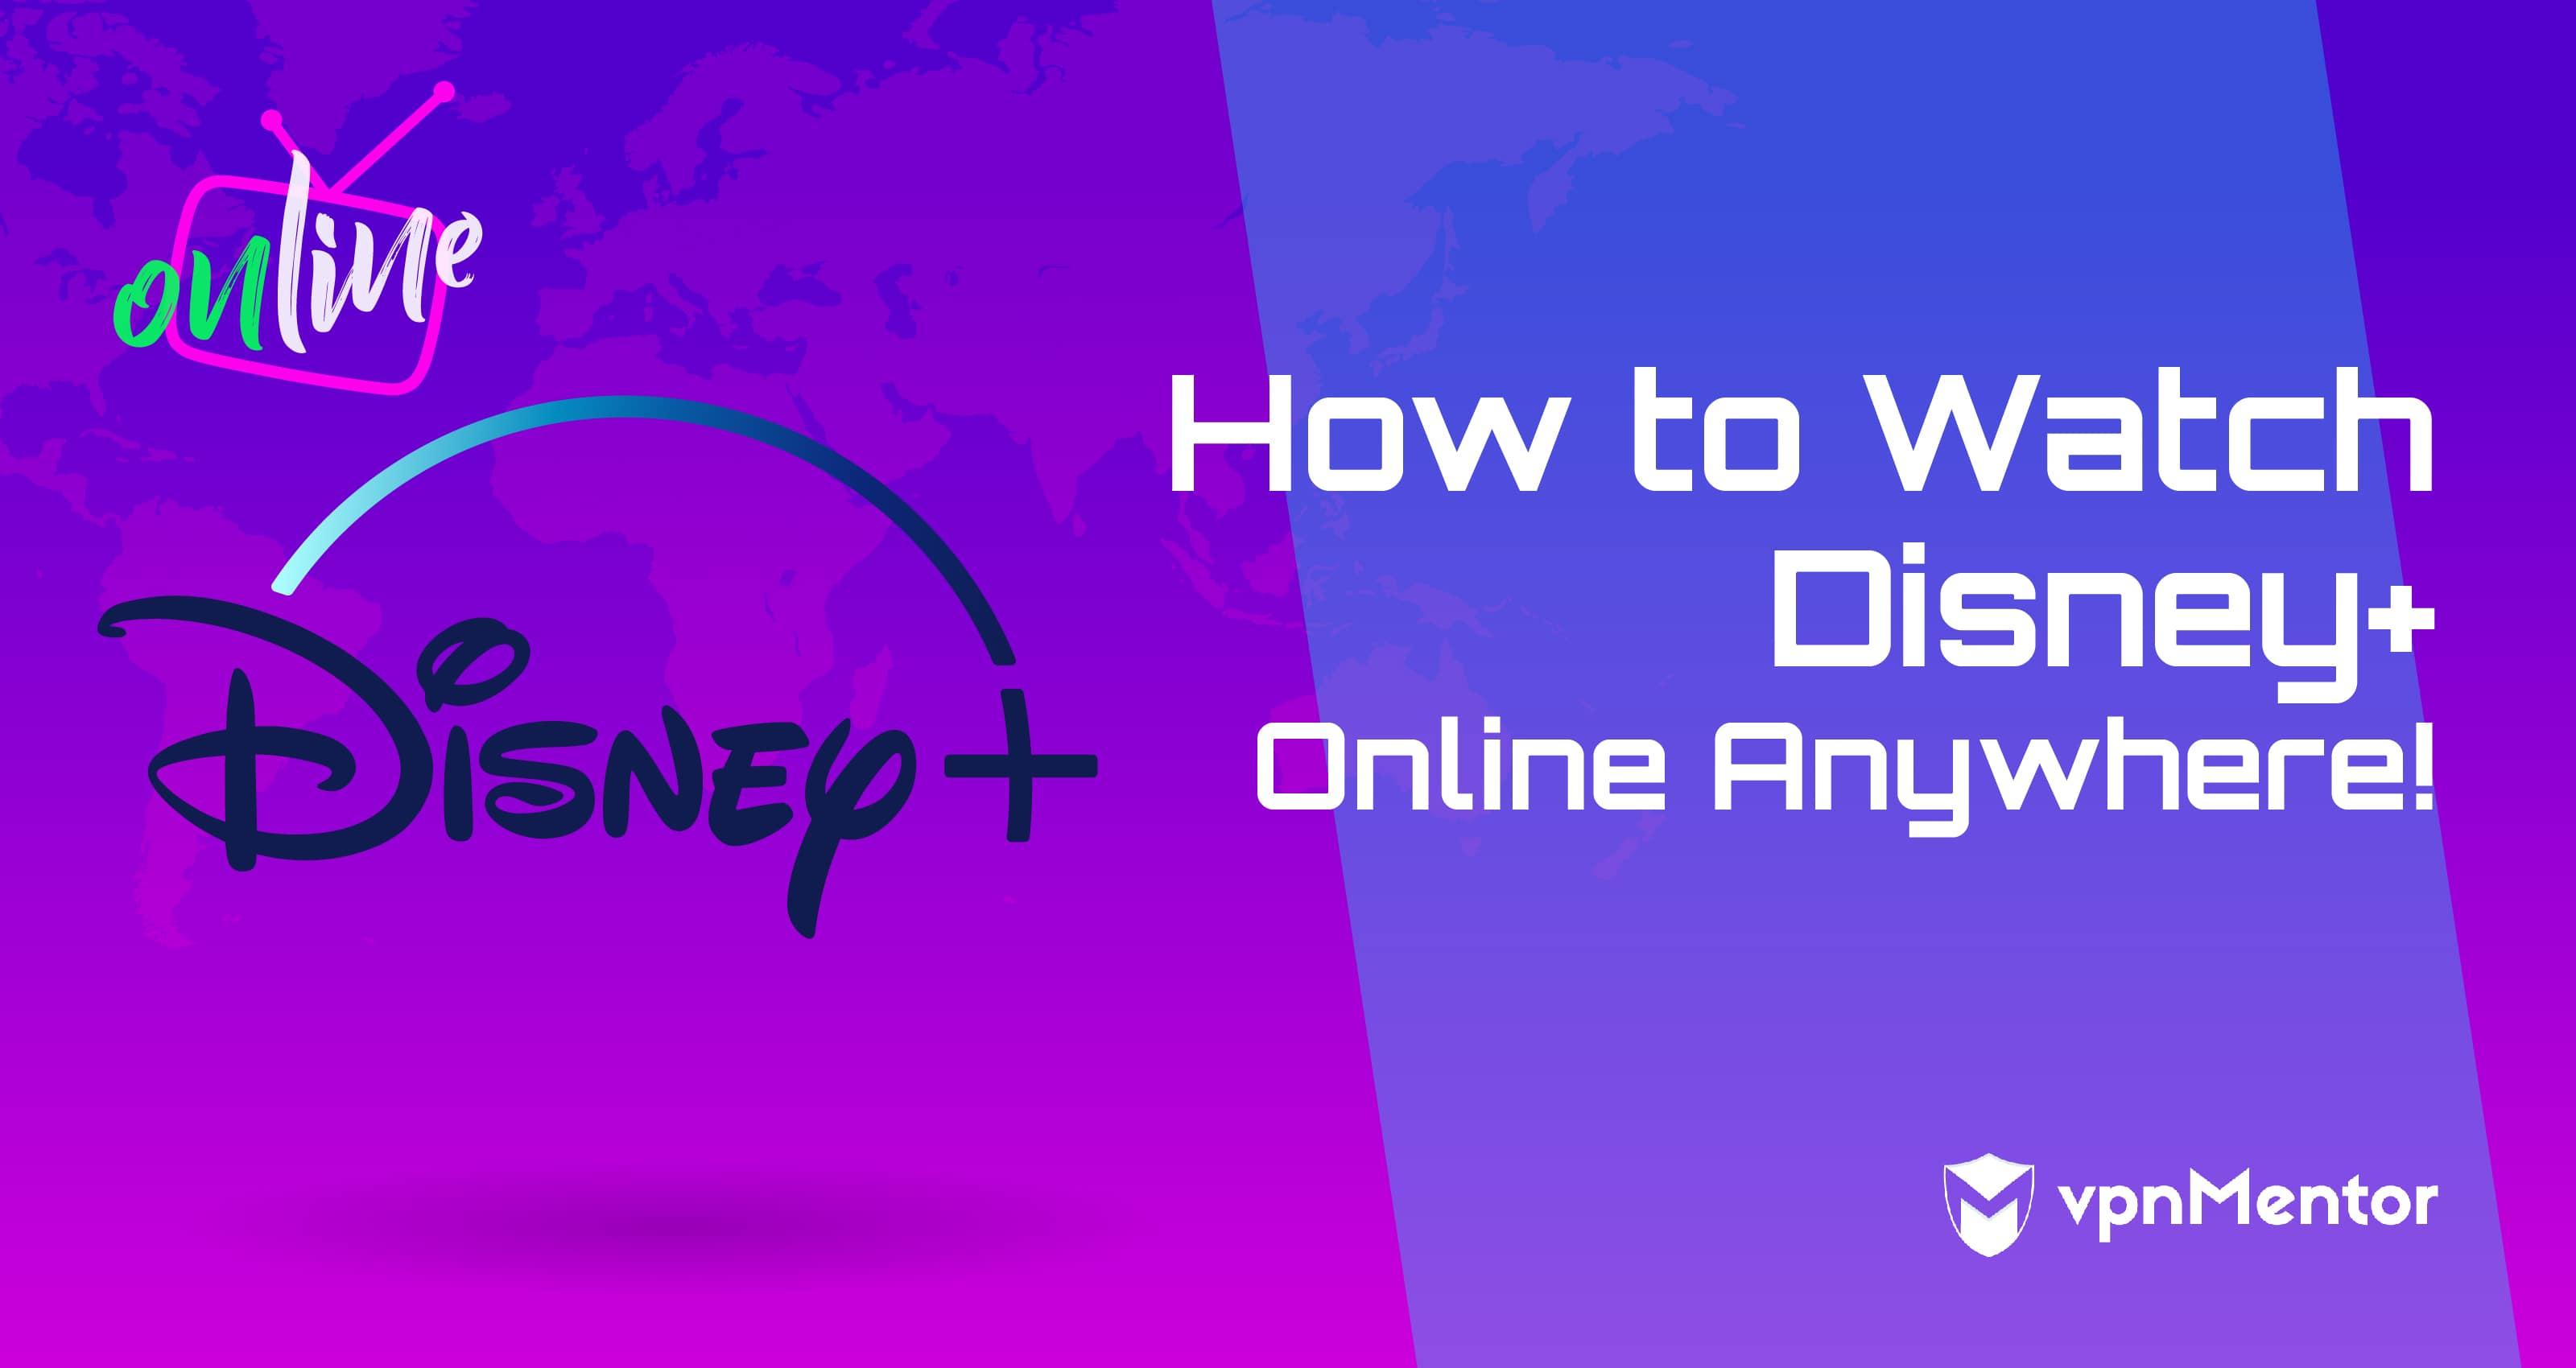 Dobri online upoznavanja u prvoj liniji